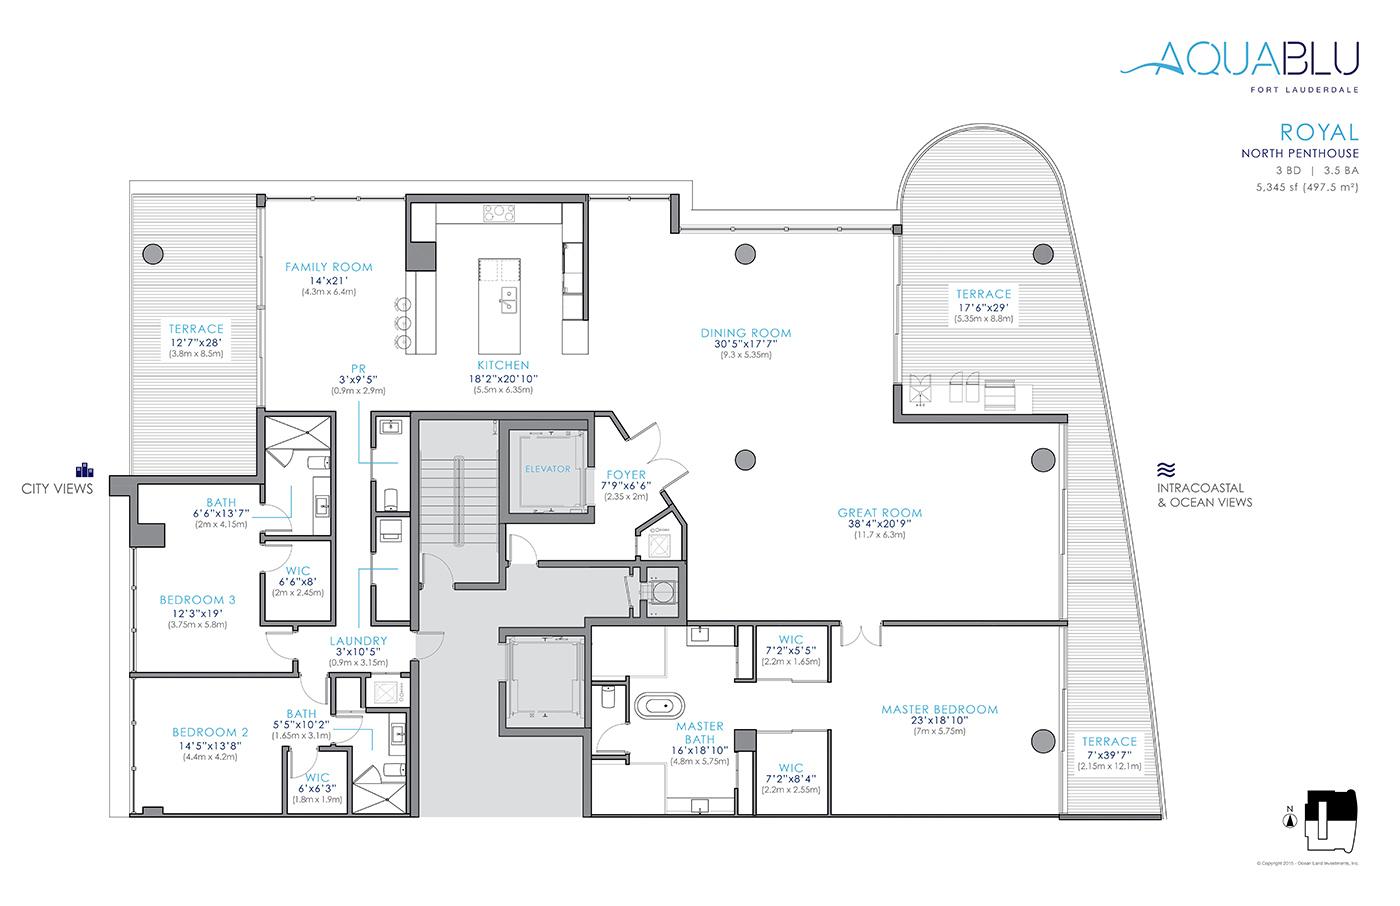 AquaBlu - Floorplan 4